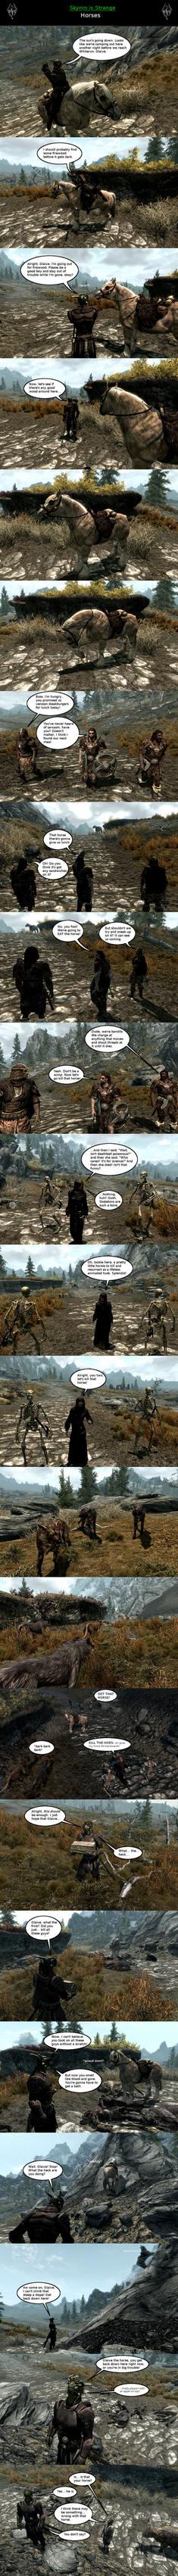 Skyrim is Strange - Horses